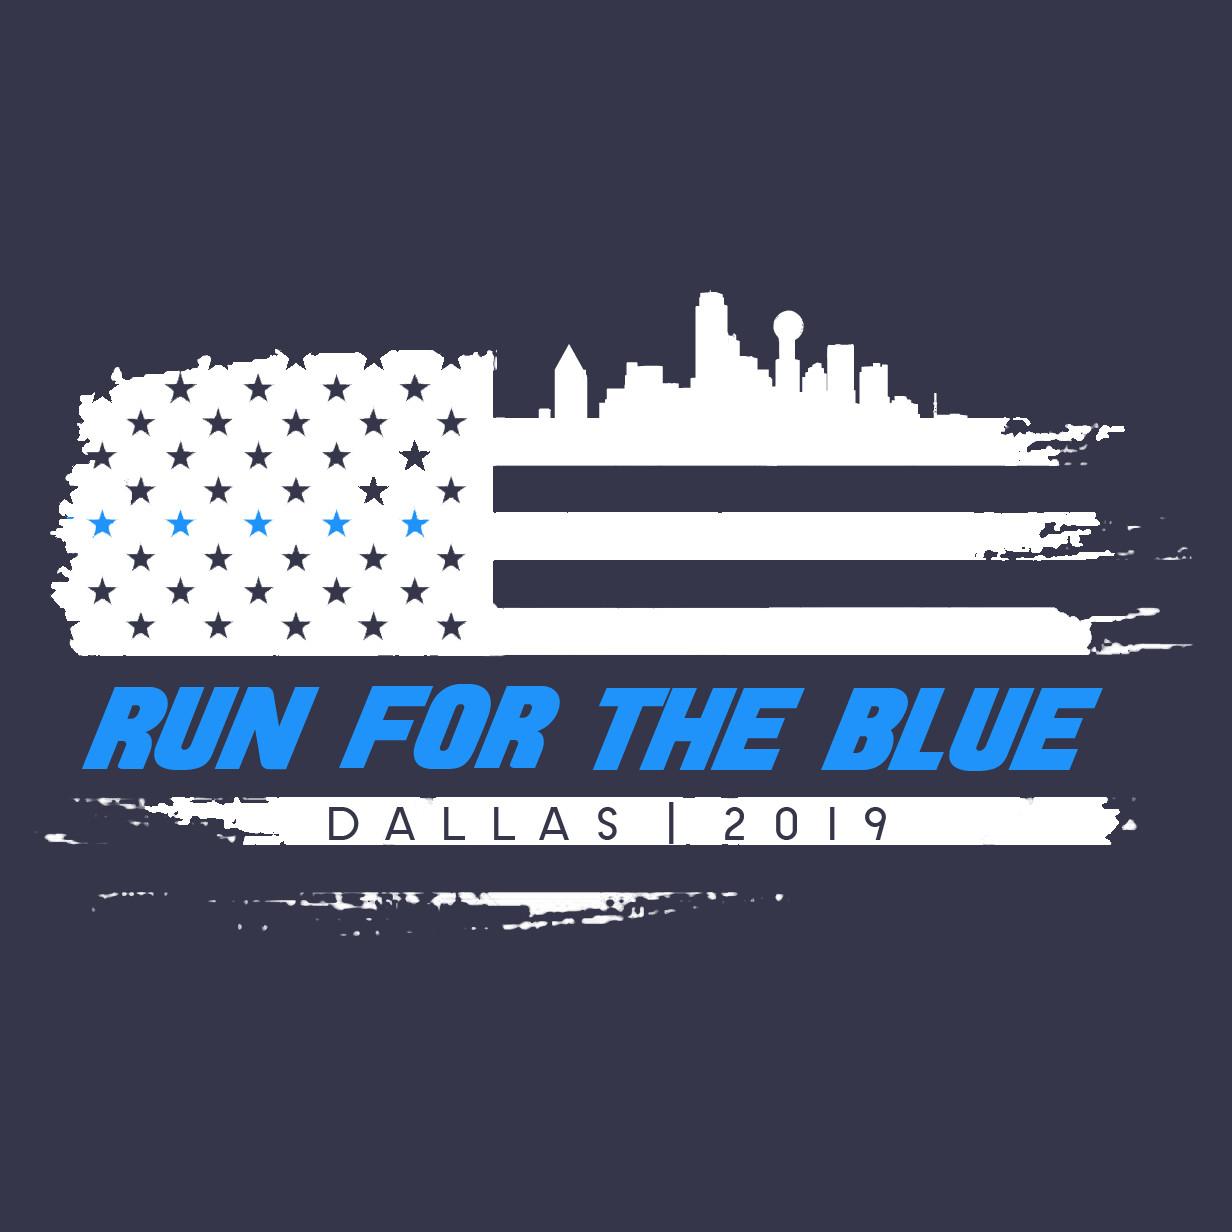 Run For The Blue Dallas 2019